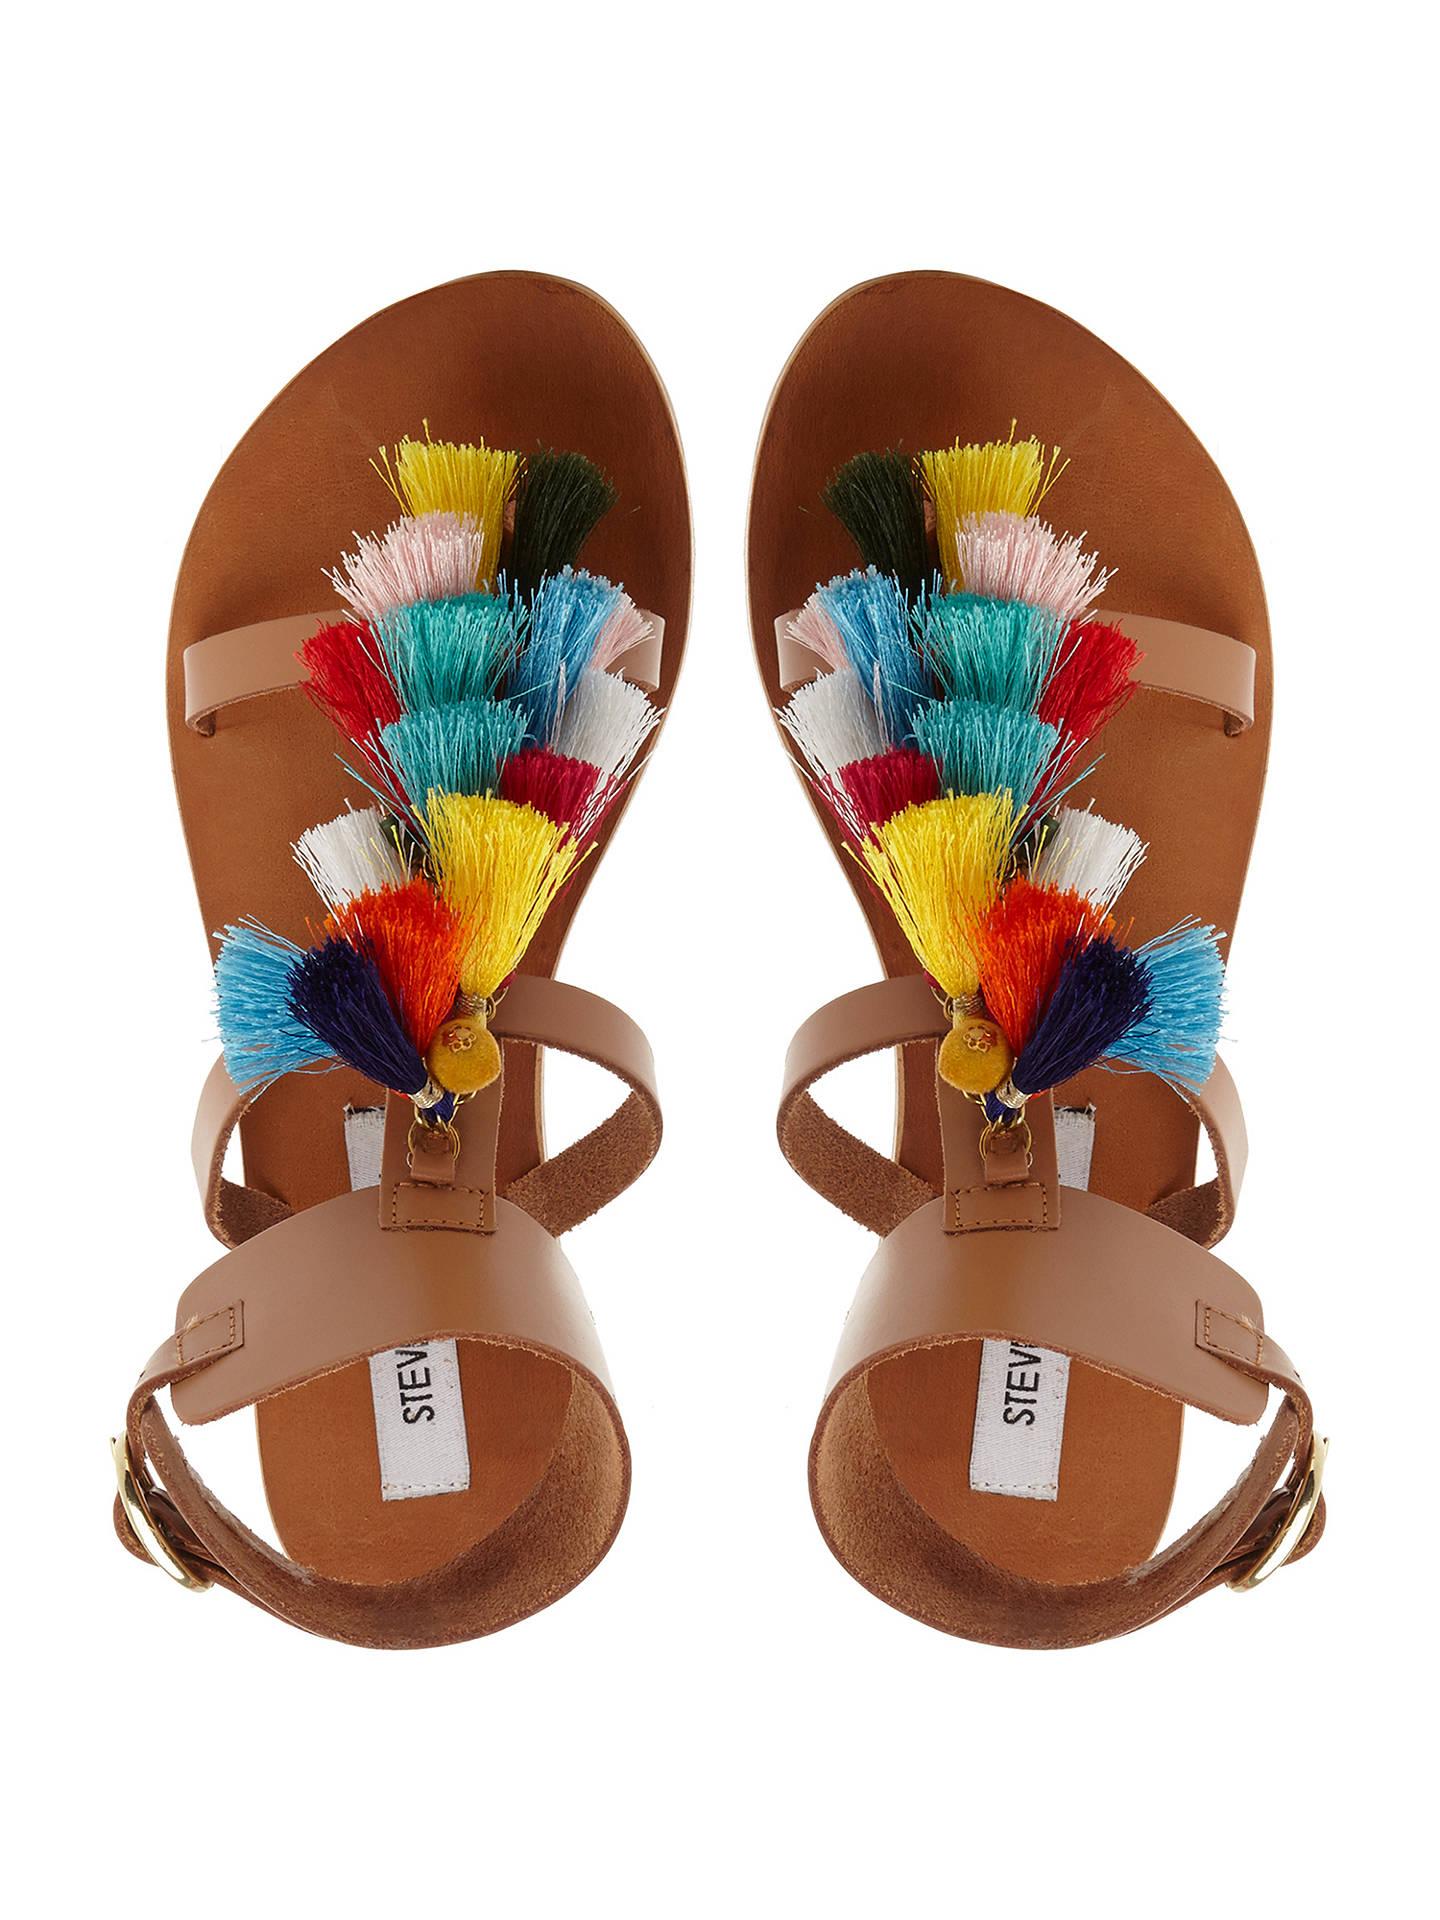 21552b00b28d ... Buy Steve Madden Colorful Tassel Sandals